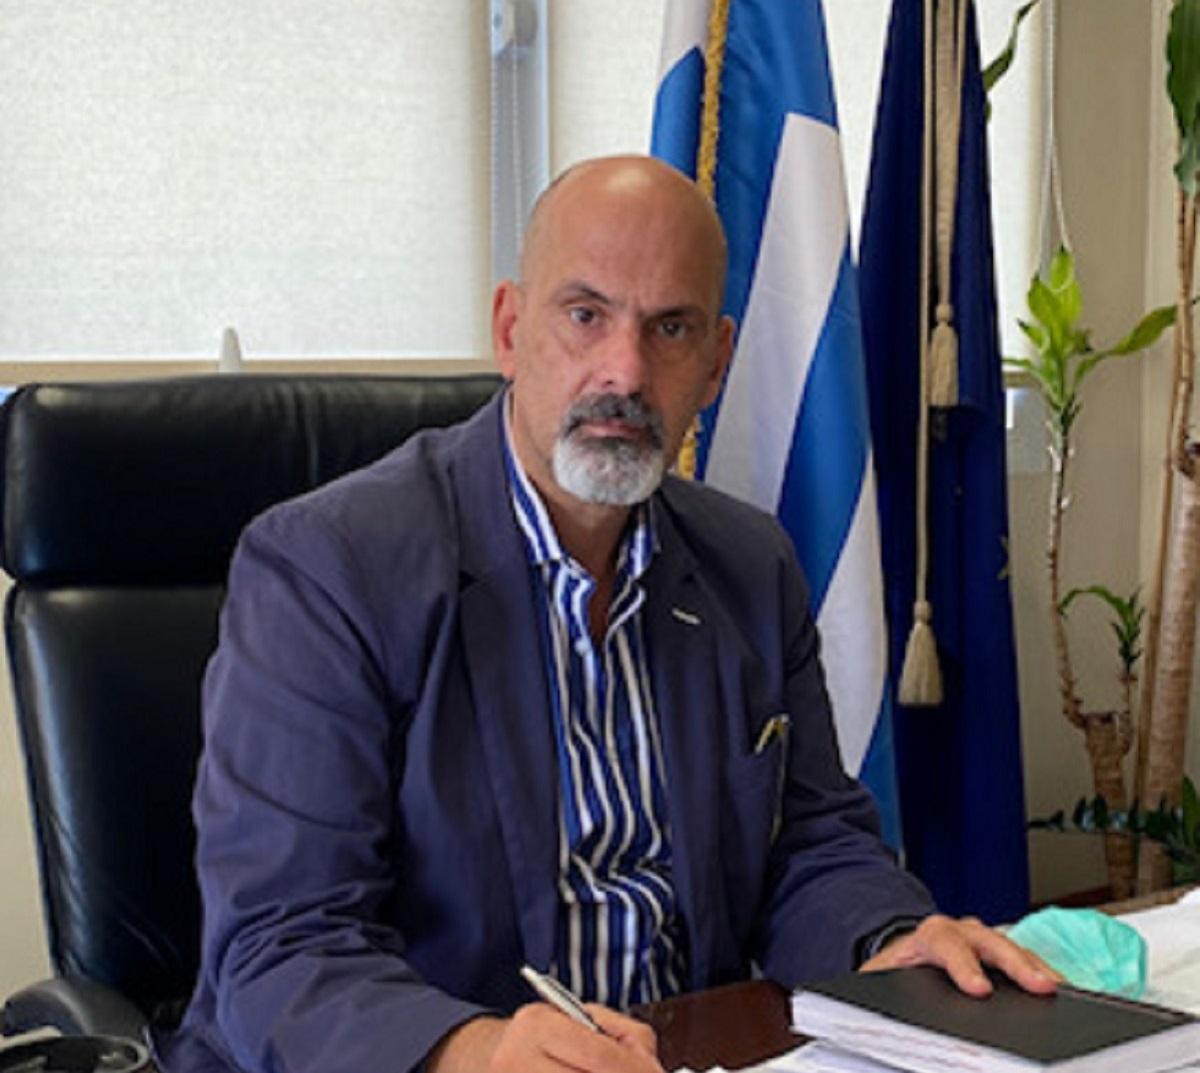 Πιλοτική δράση «πόρτα- πόρτα» για τη καταπολέμηση των κουνουπιών από τη Περιφέρεια Δυτικής Ελλάδας